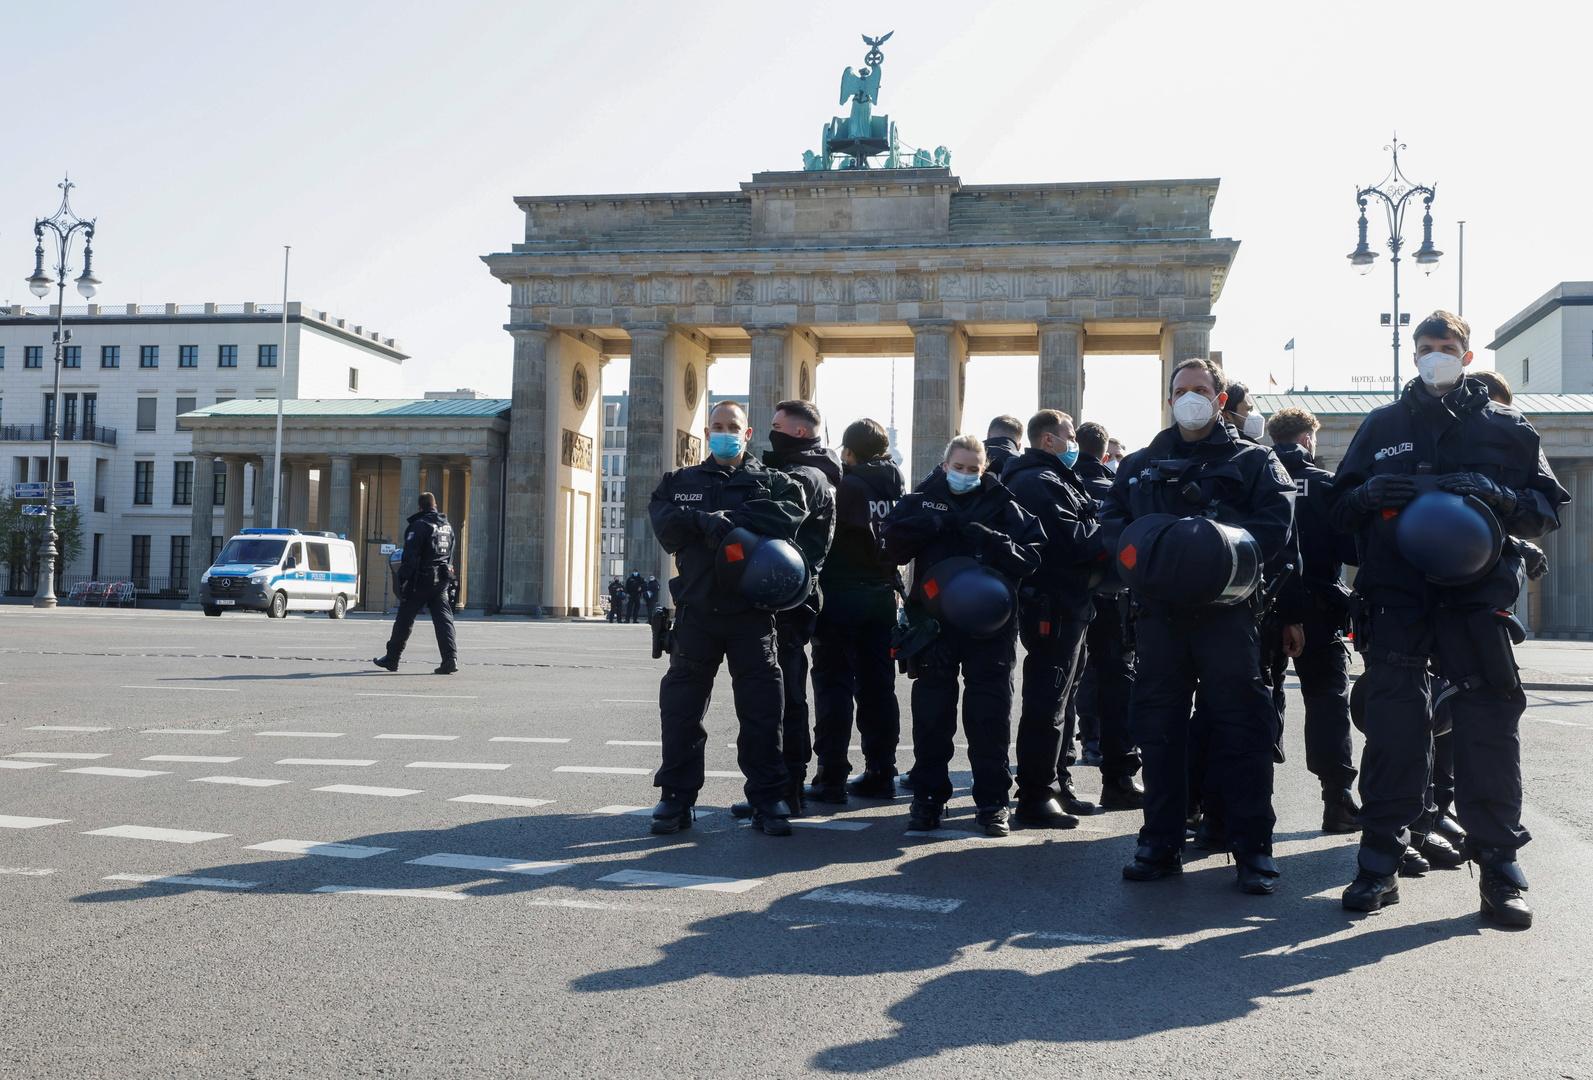 احتجاجات في برلين على قيود كورونا